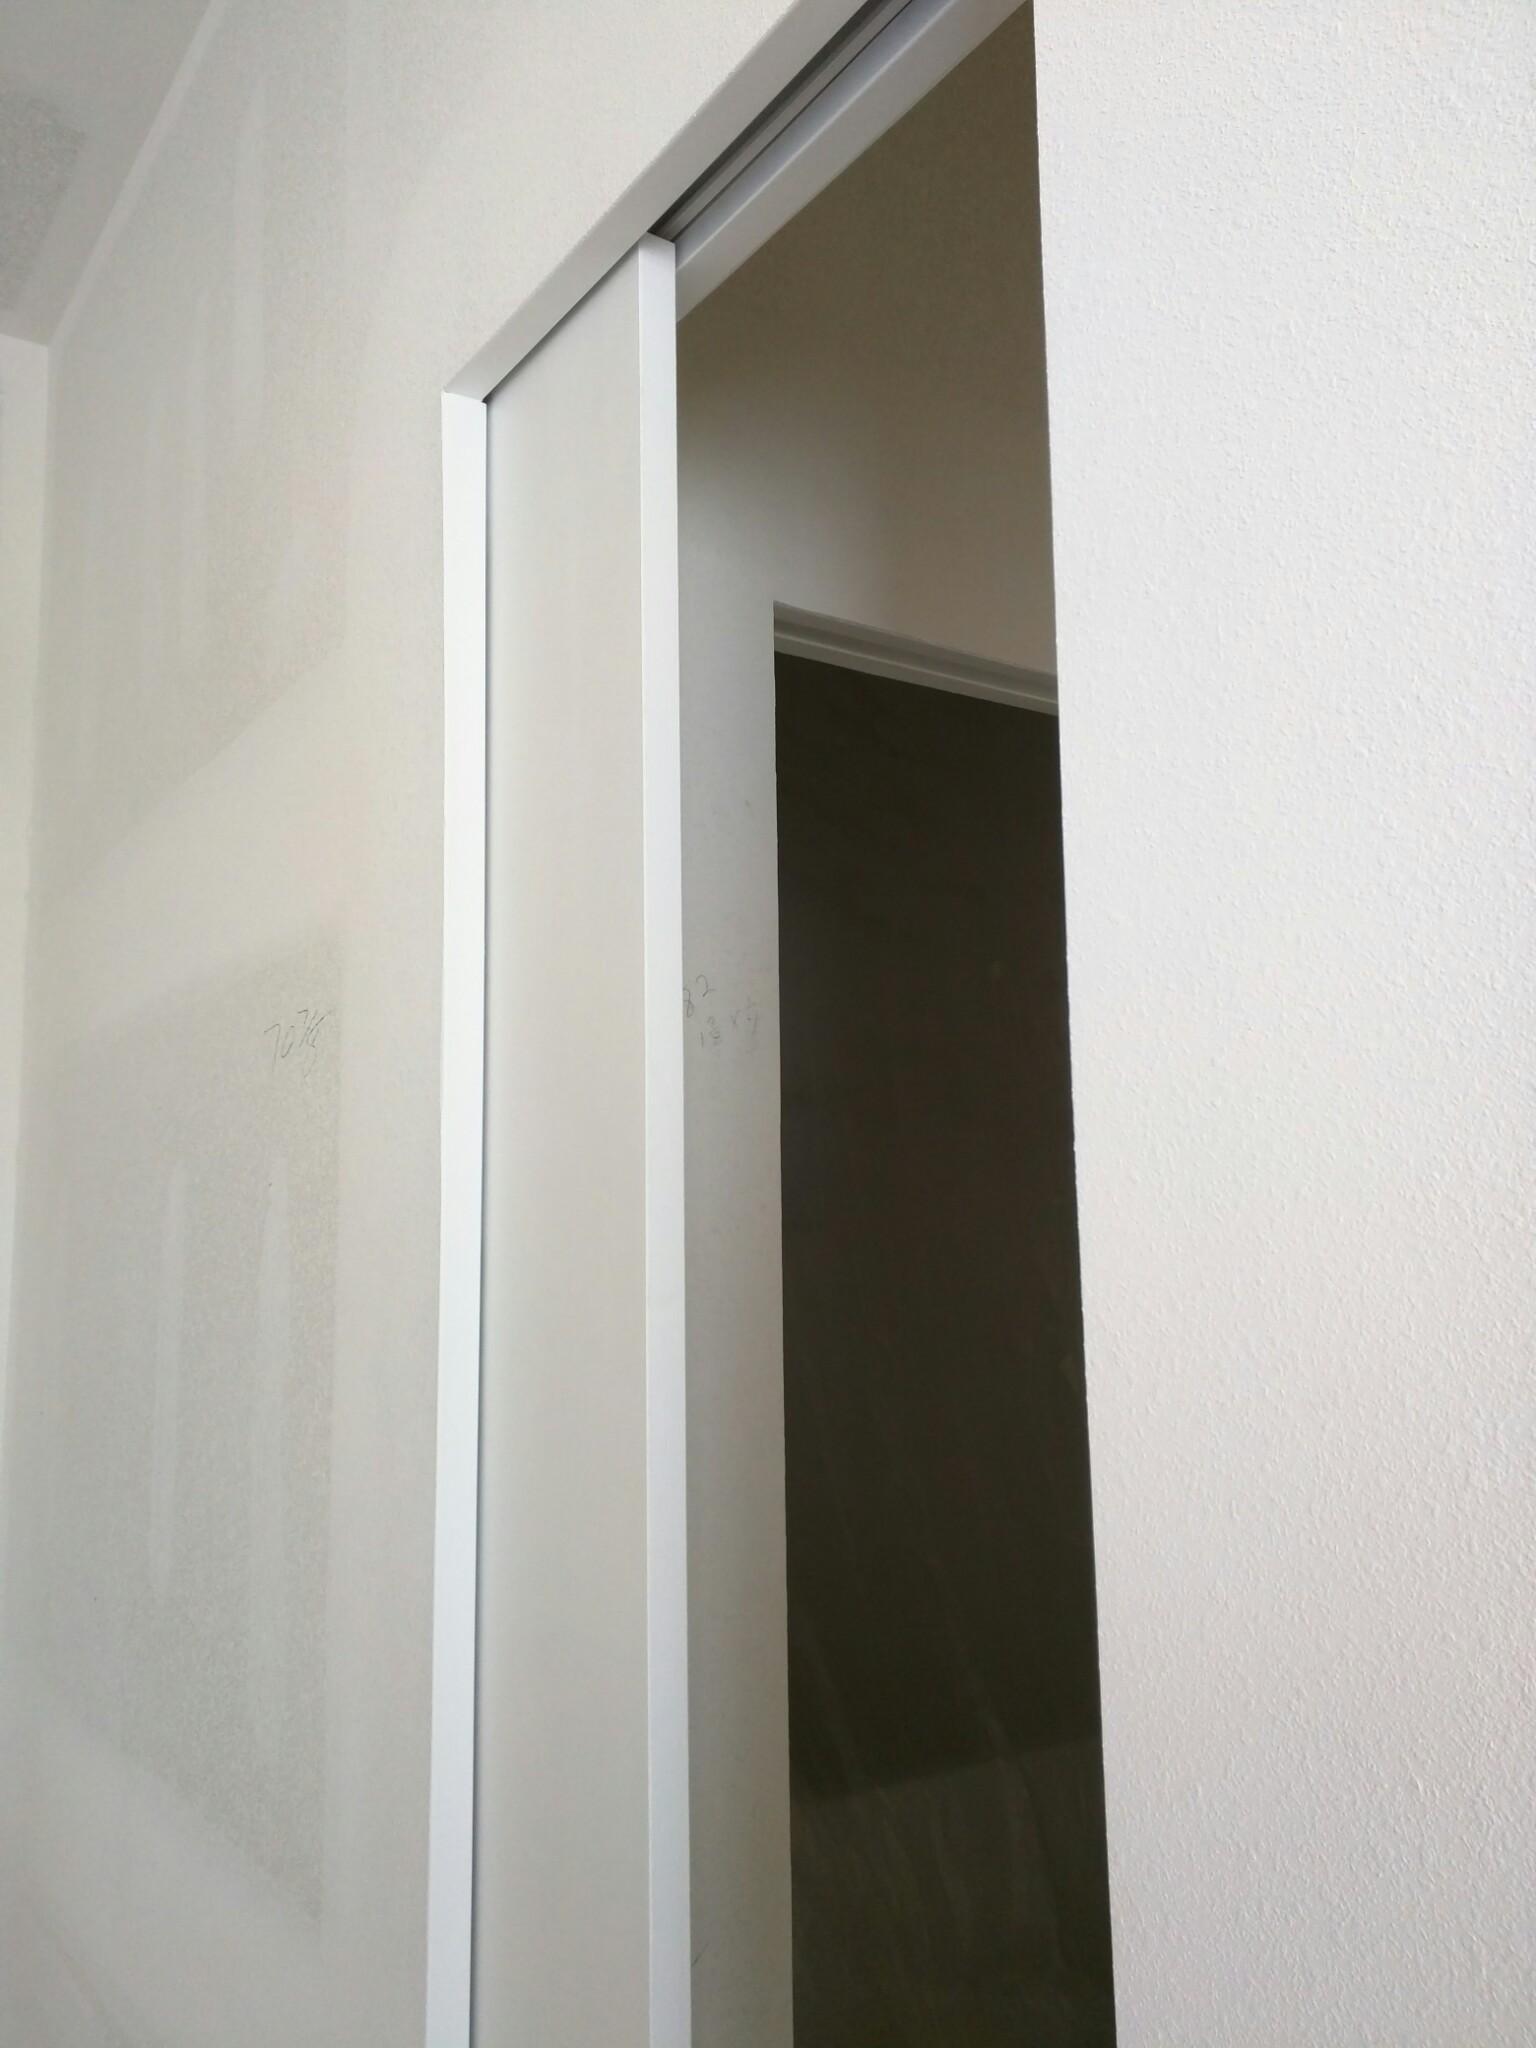 EZY Jamb Pocket Door In One Of The Kidu0027s Rooms.